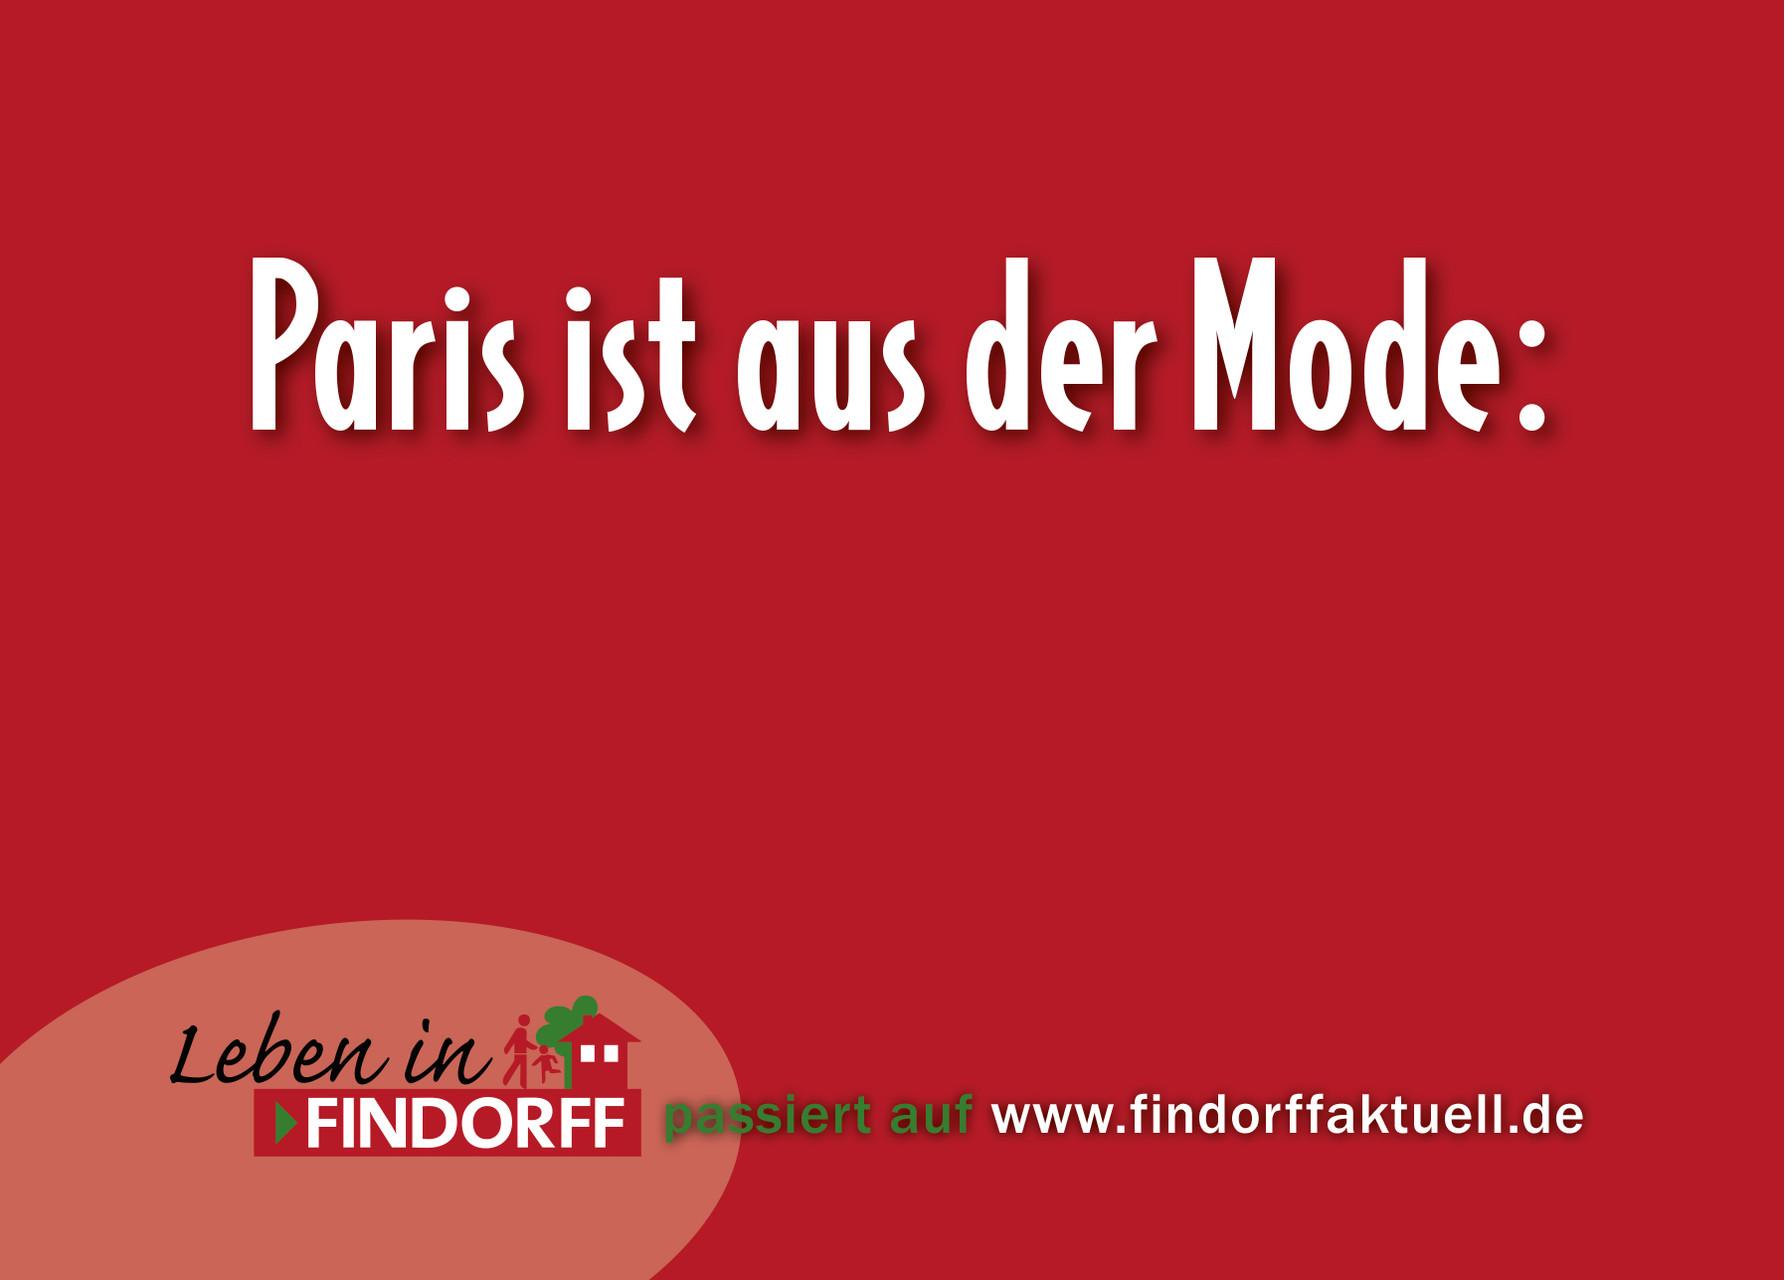 Motiv der 3. Leben in Findorff Postkarten-Edition